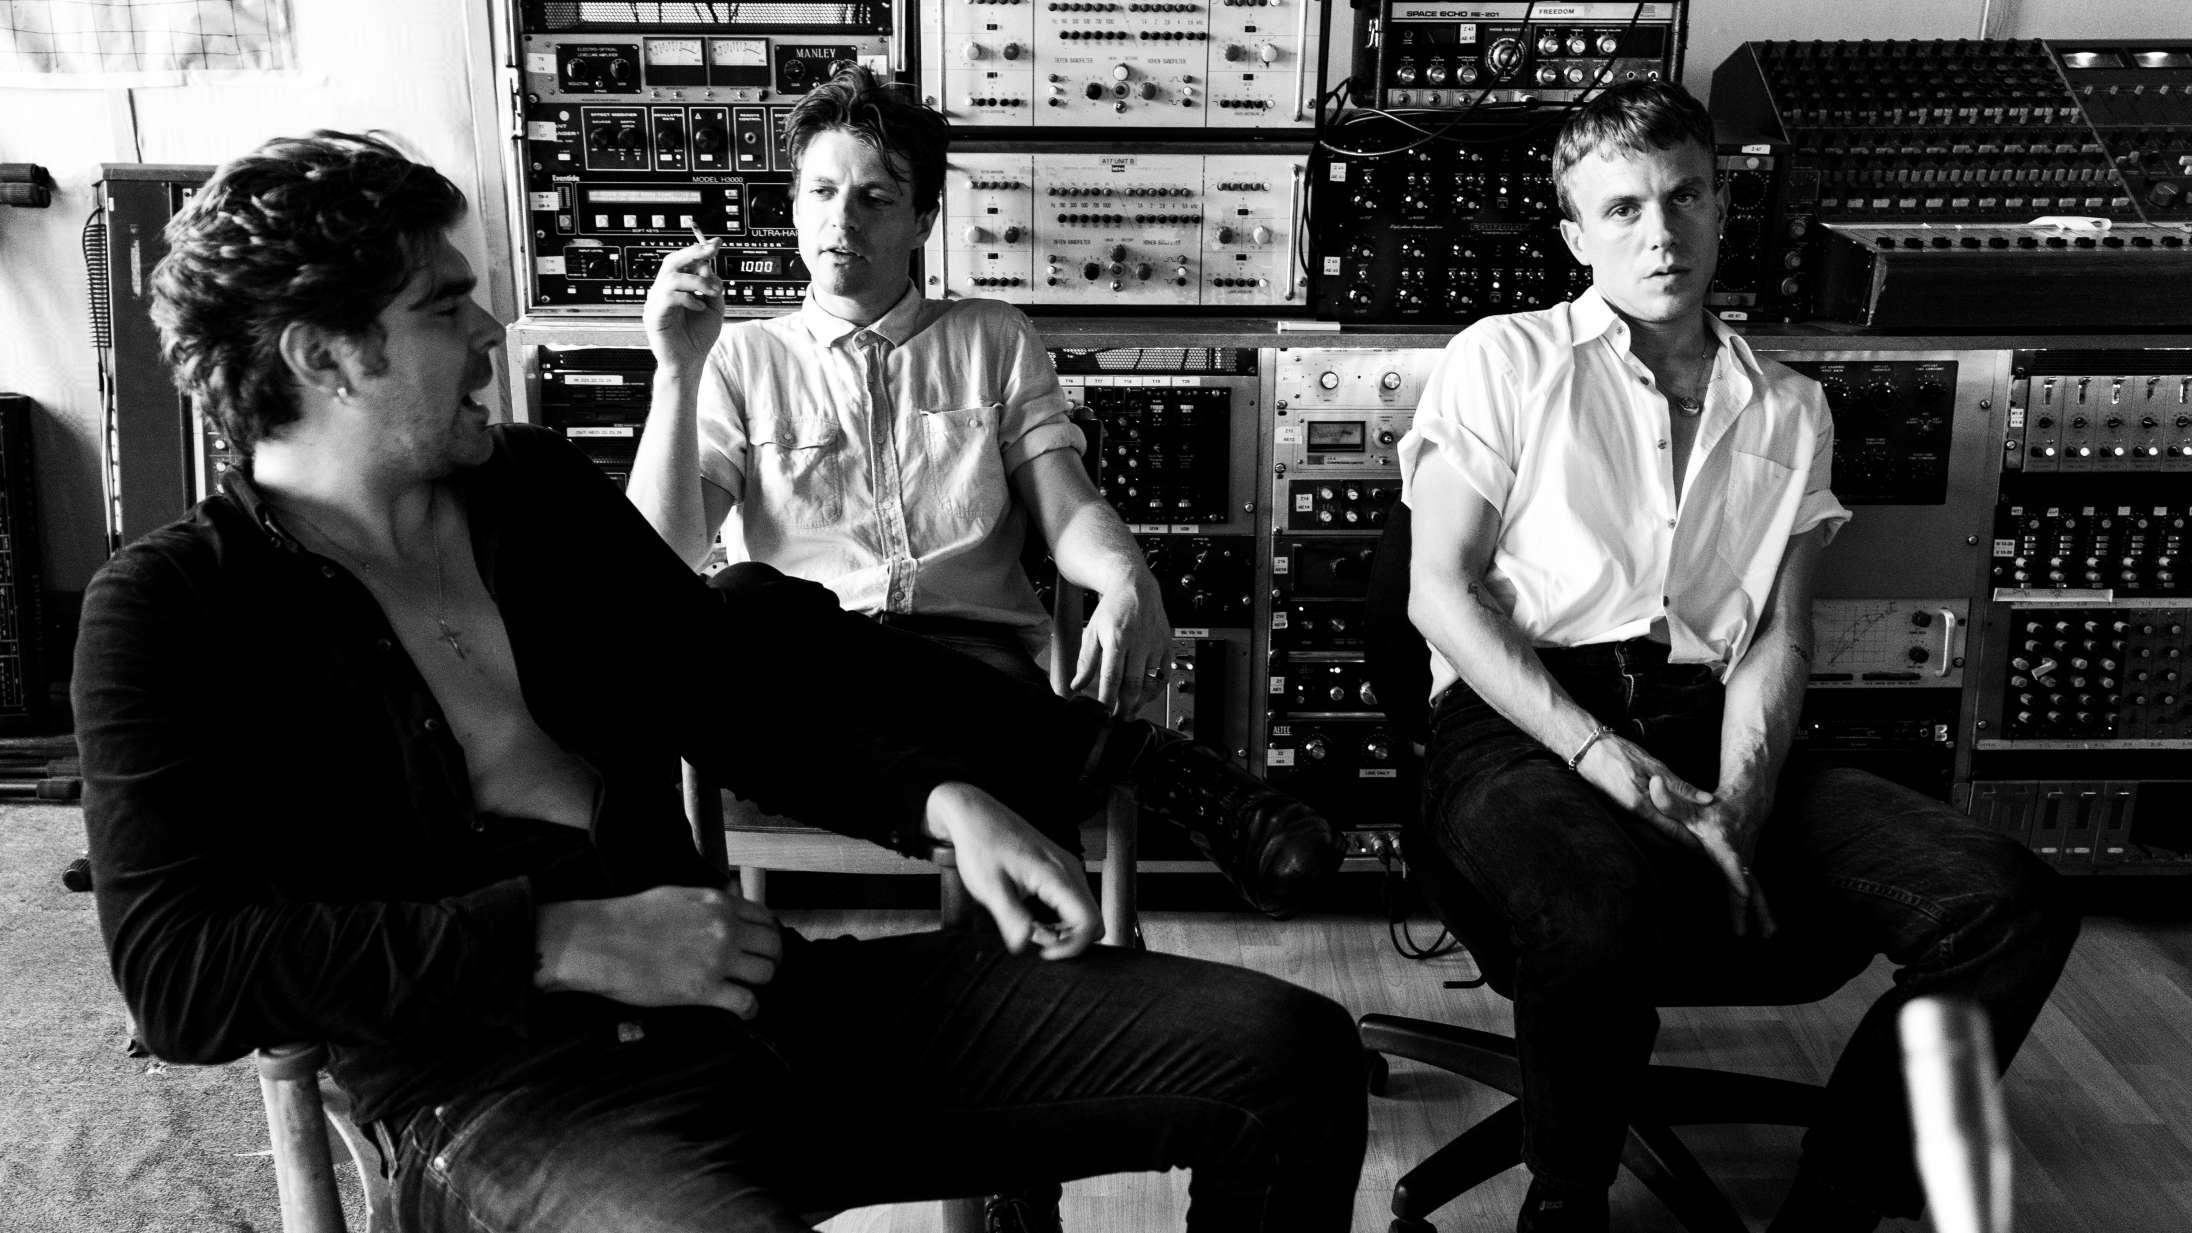 Less Win har potentialet til at blive et af Danmarks mest spændende punkbands